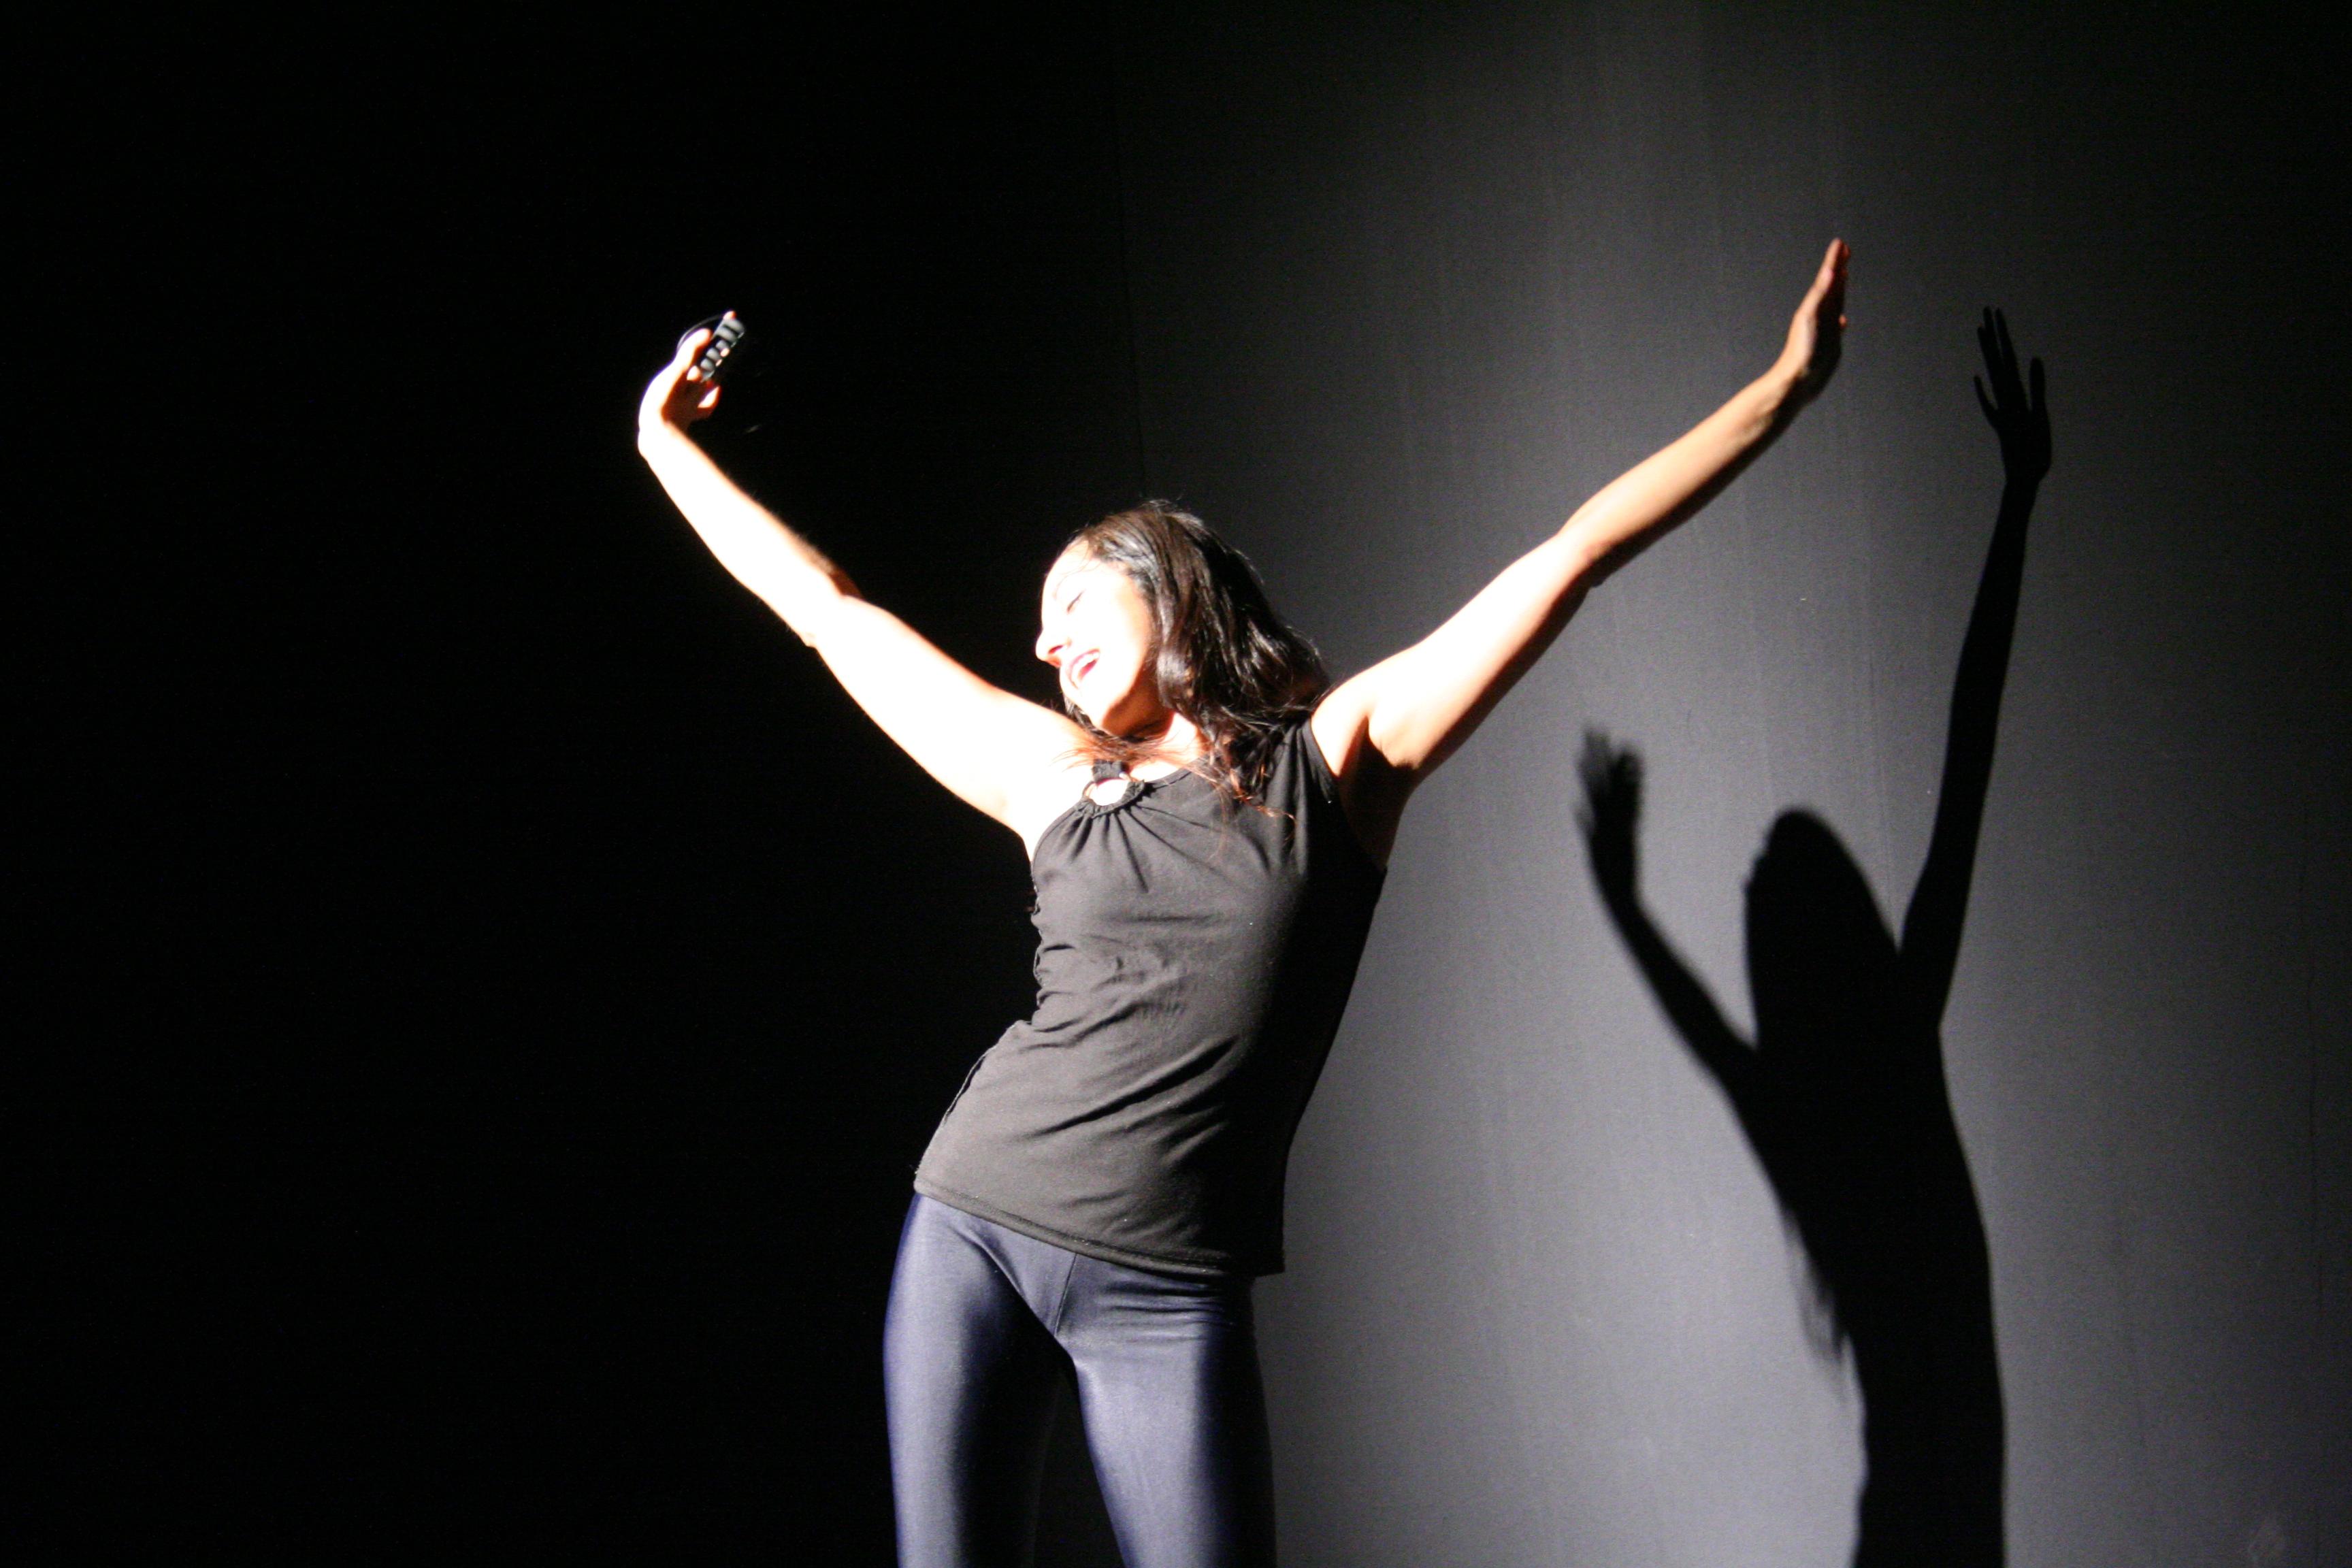 Carolina Rojas Bravo